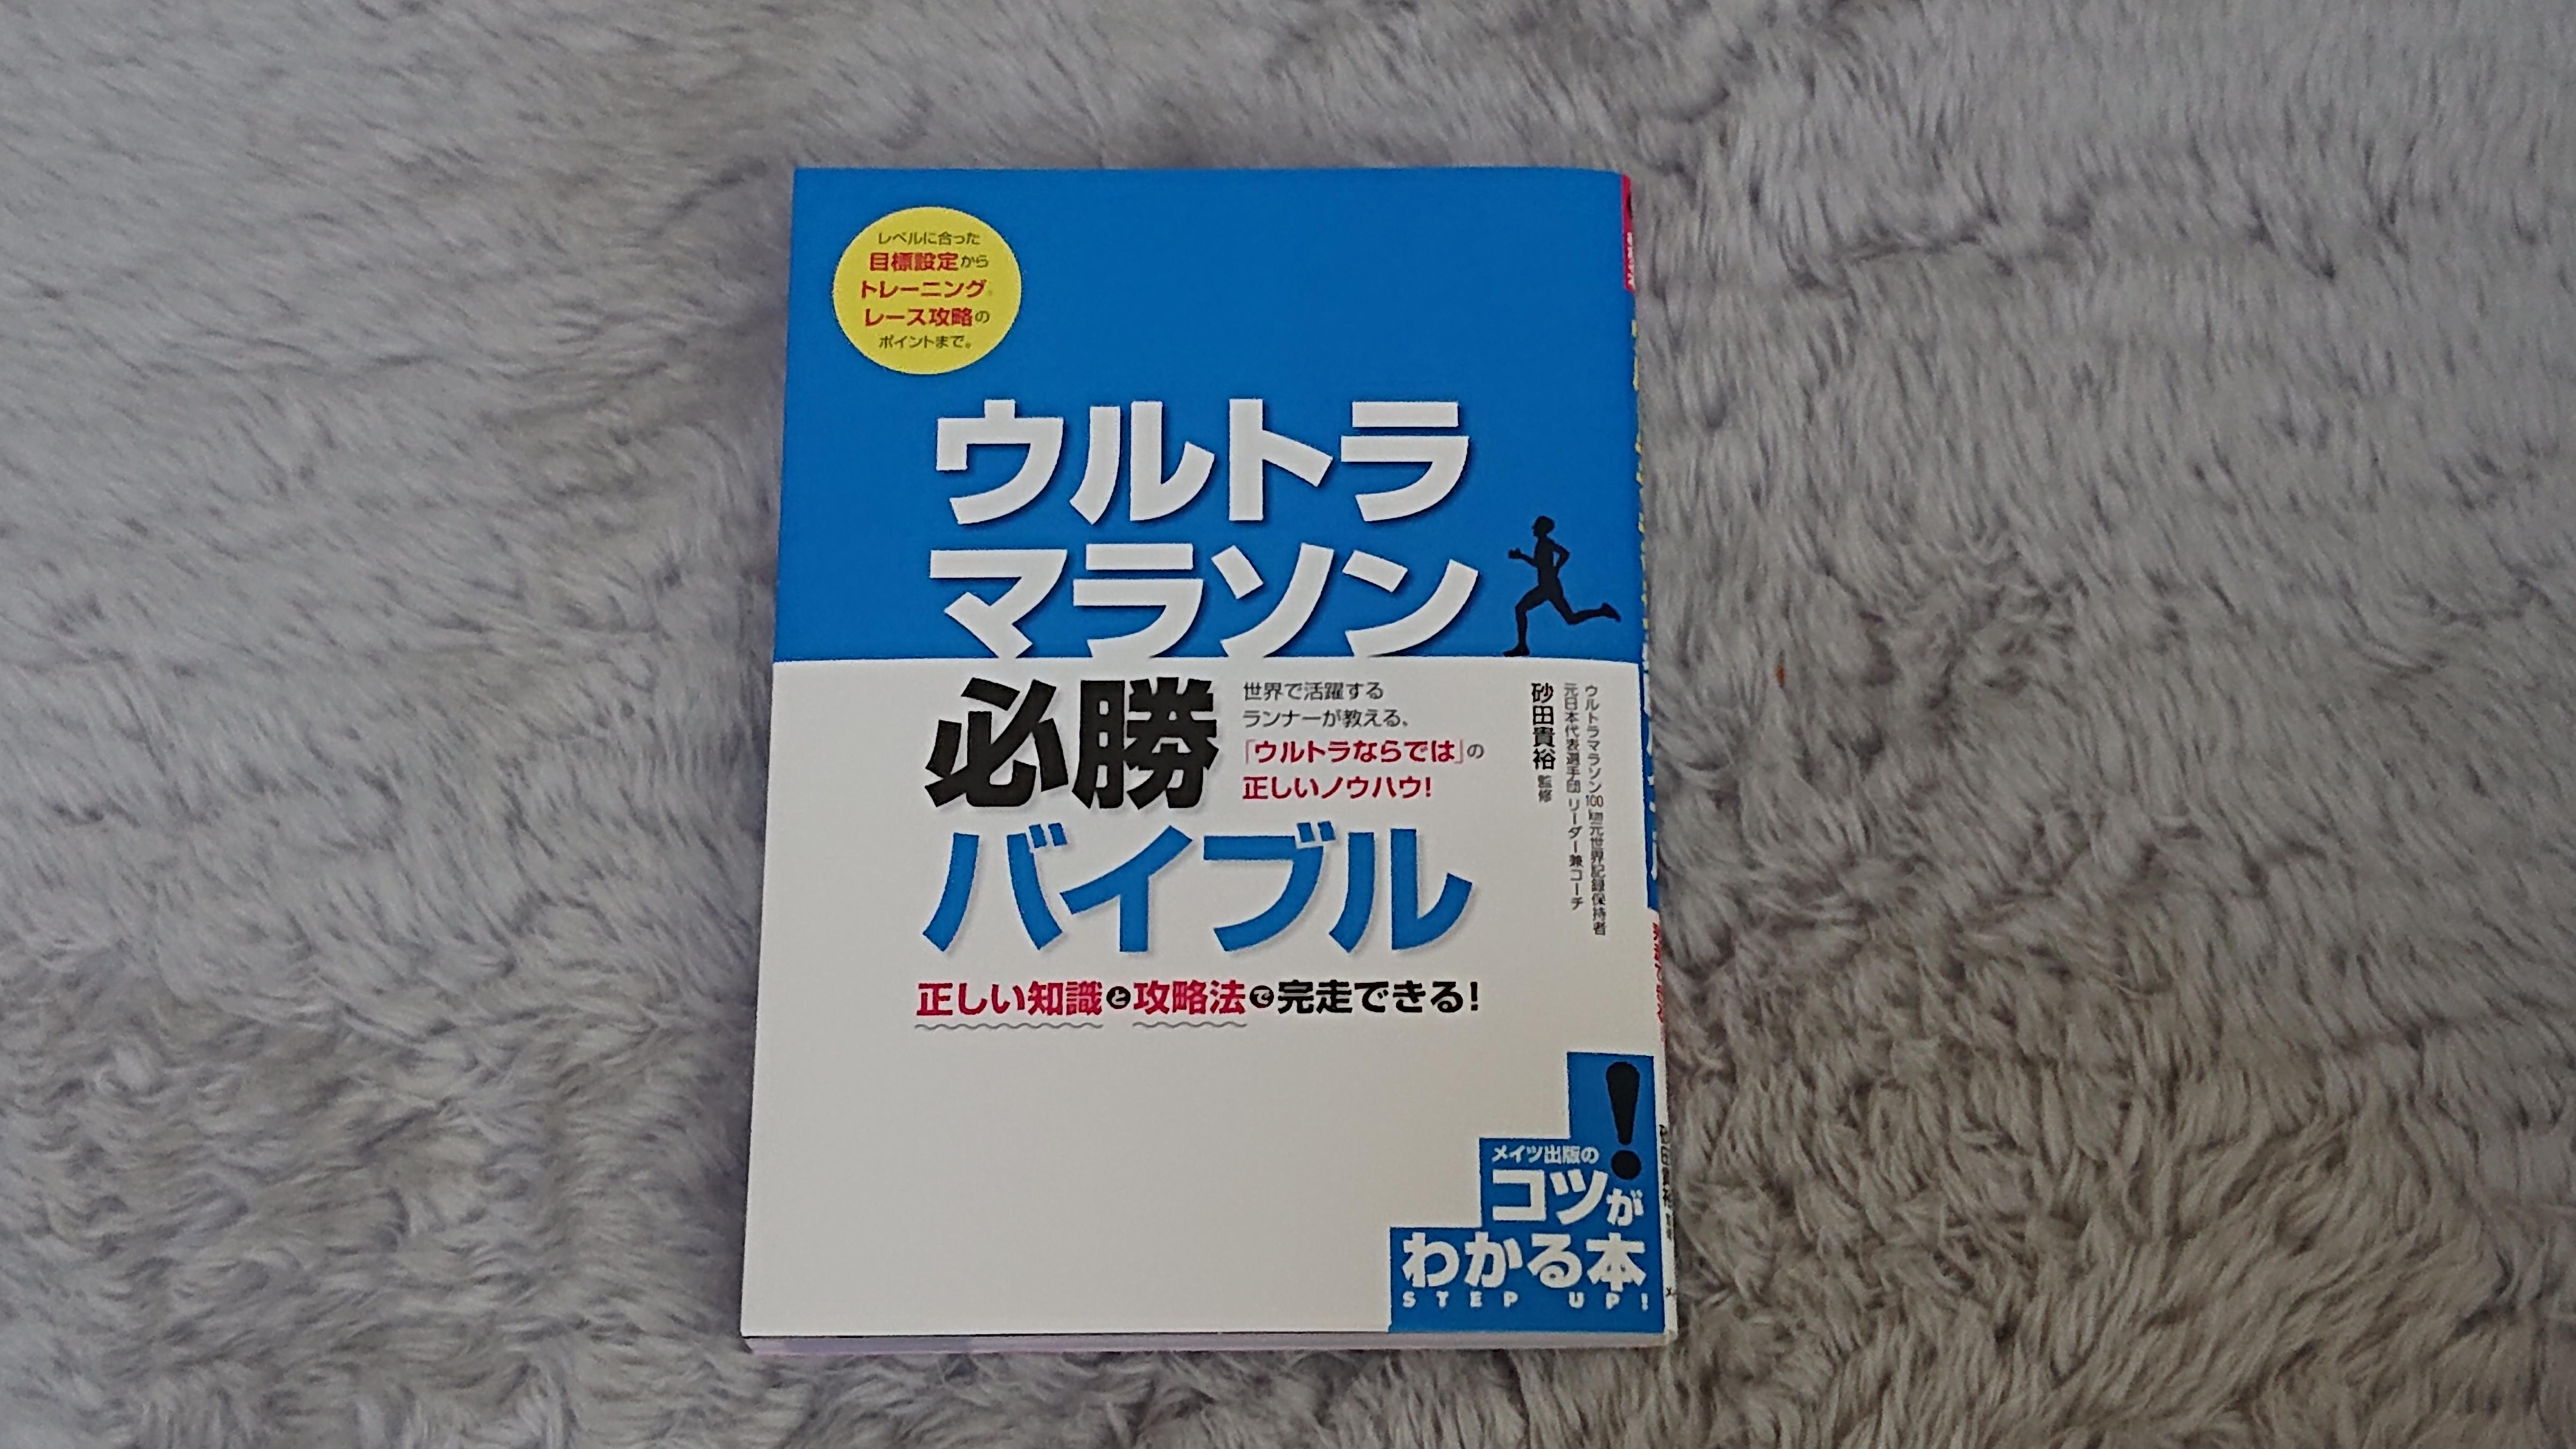 砂田貴裕さんの「ウルトラマラソン必勝バイブル」を読んでみました